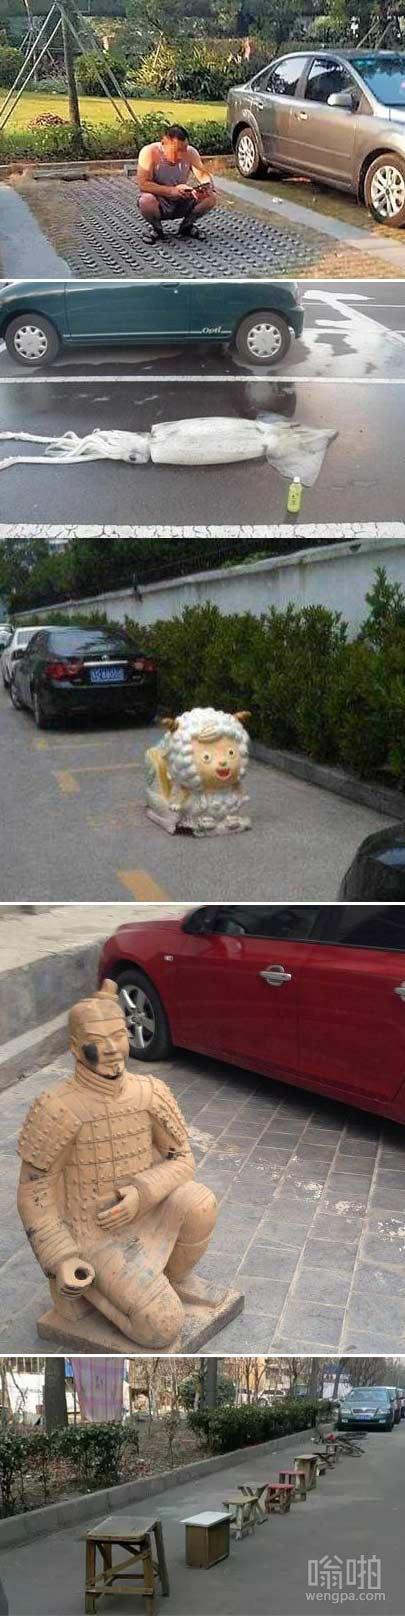 为车位而战 各种搞笑奇葩的占车位